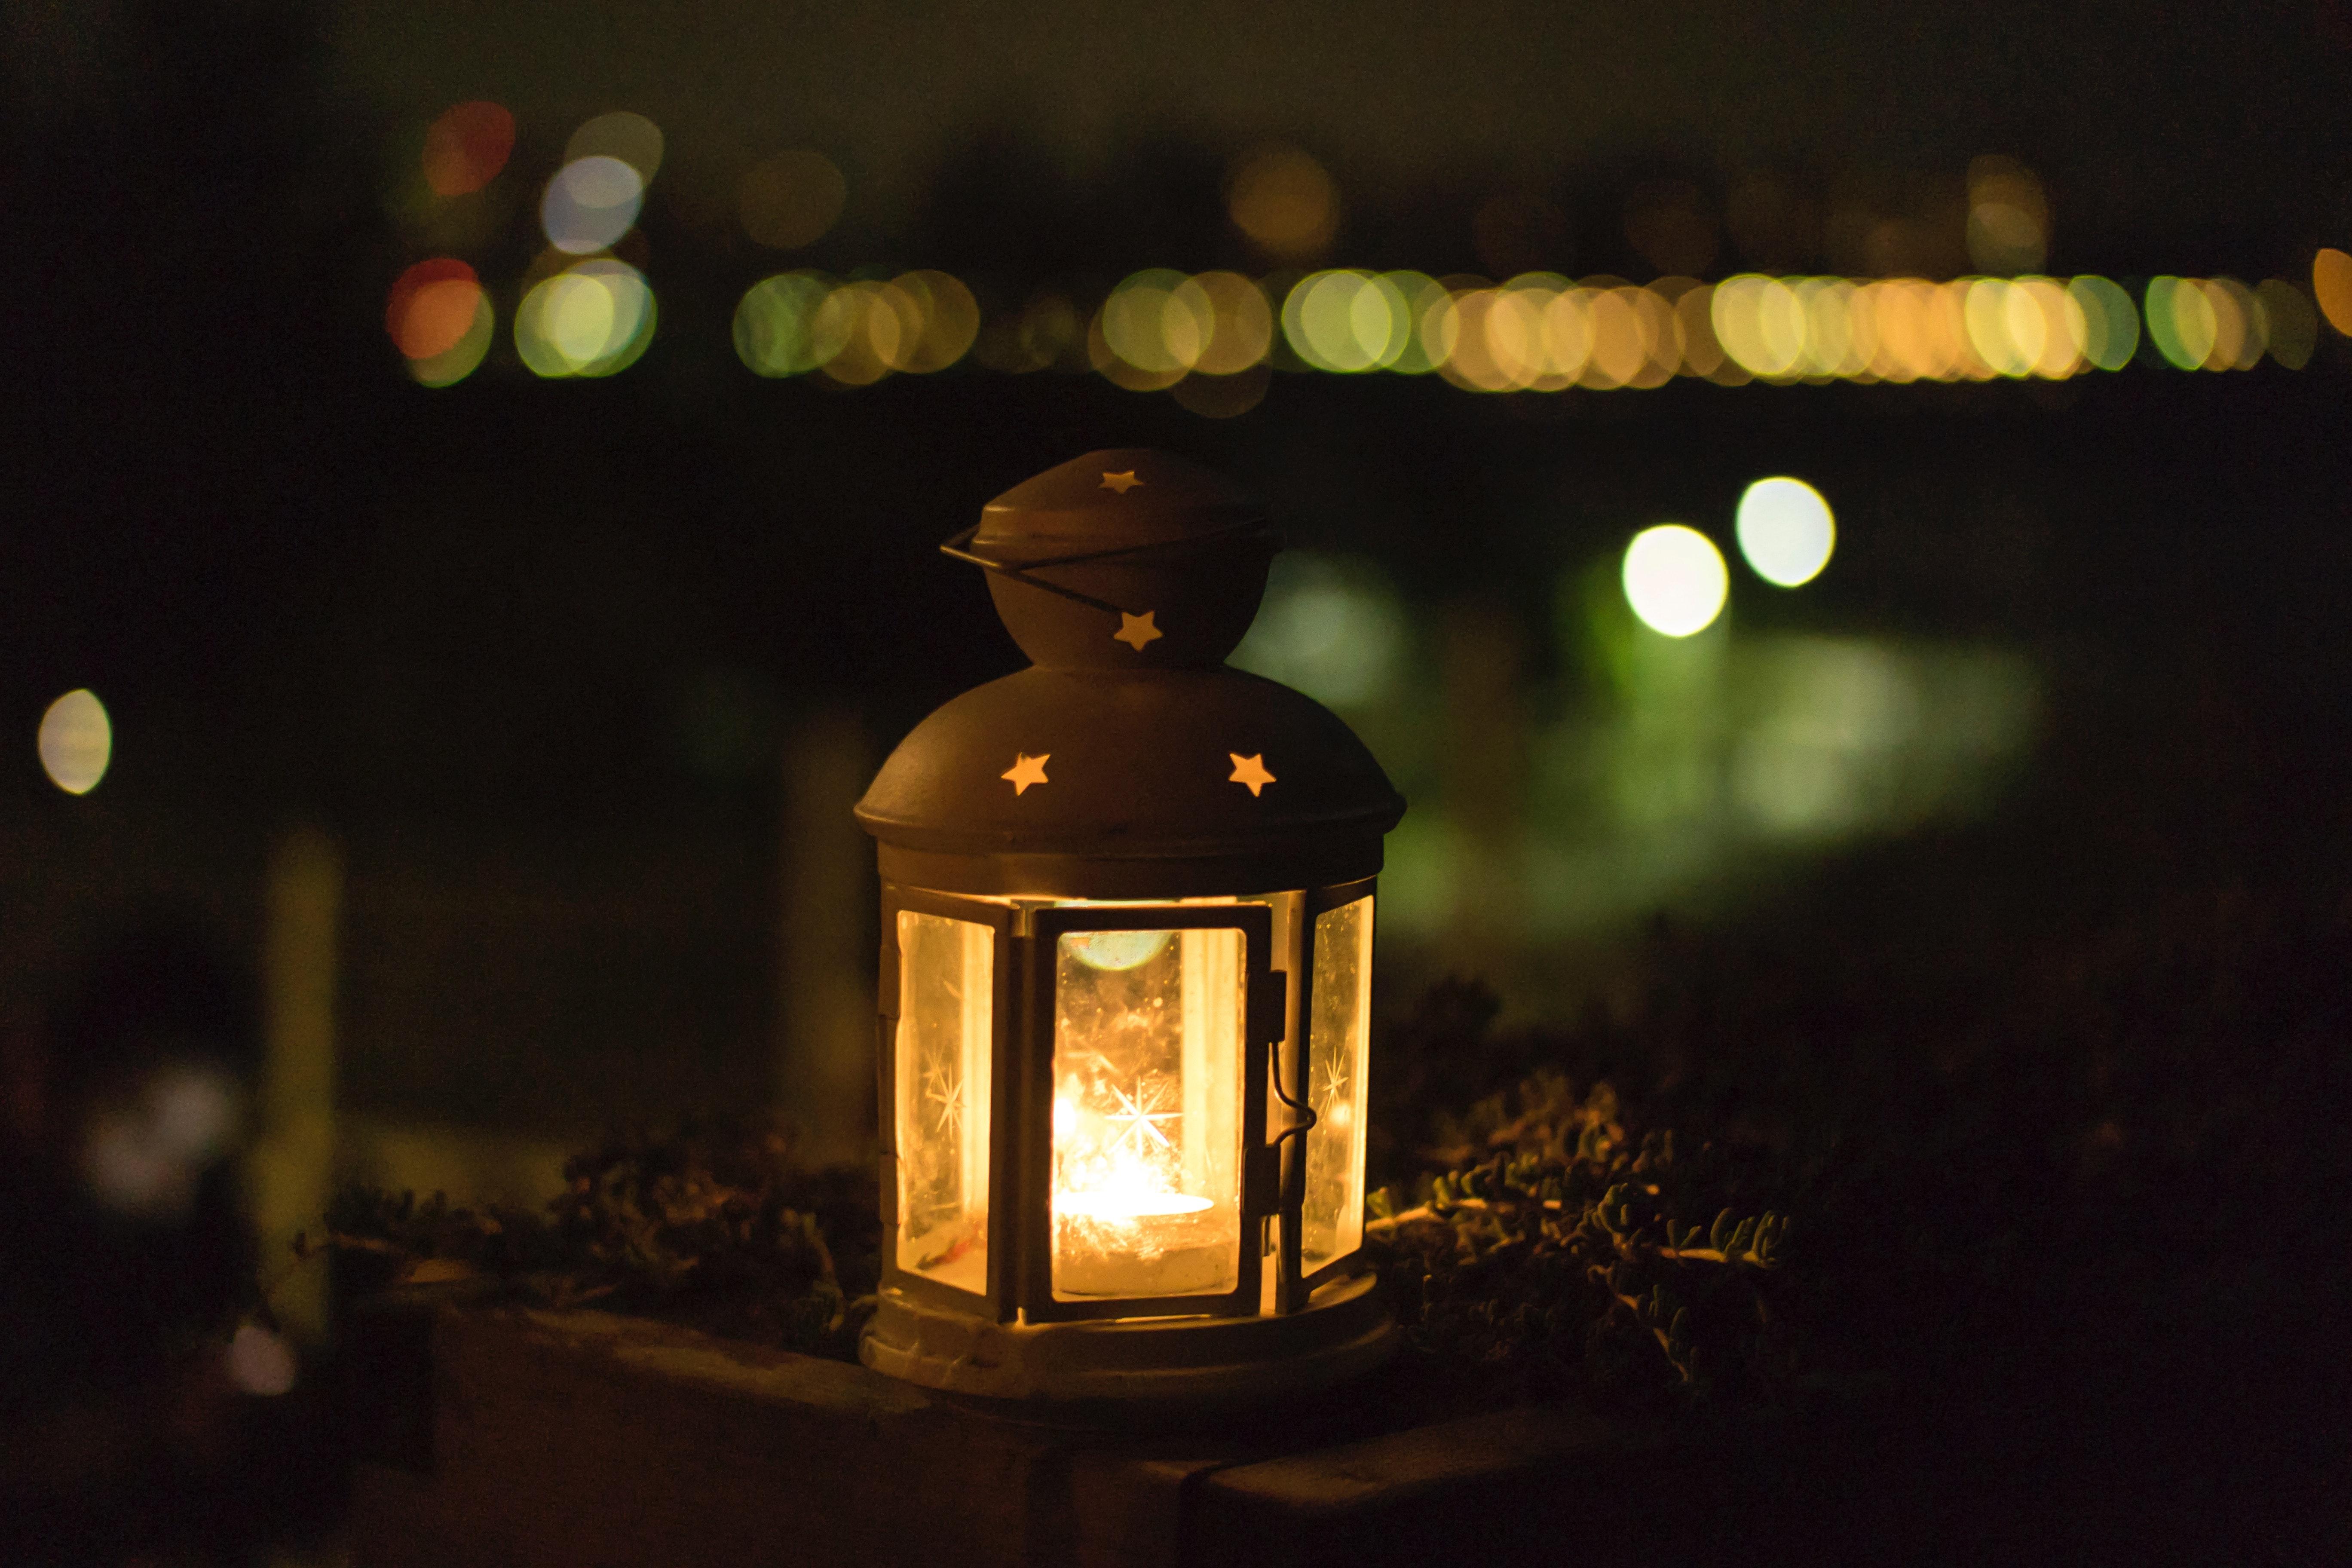 Sternenkinder: Wie Eltern Abschied Nehmen Und Ihre Trauer Verarbeiten